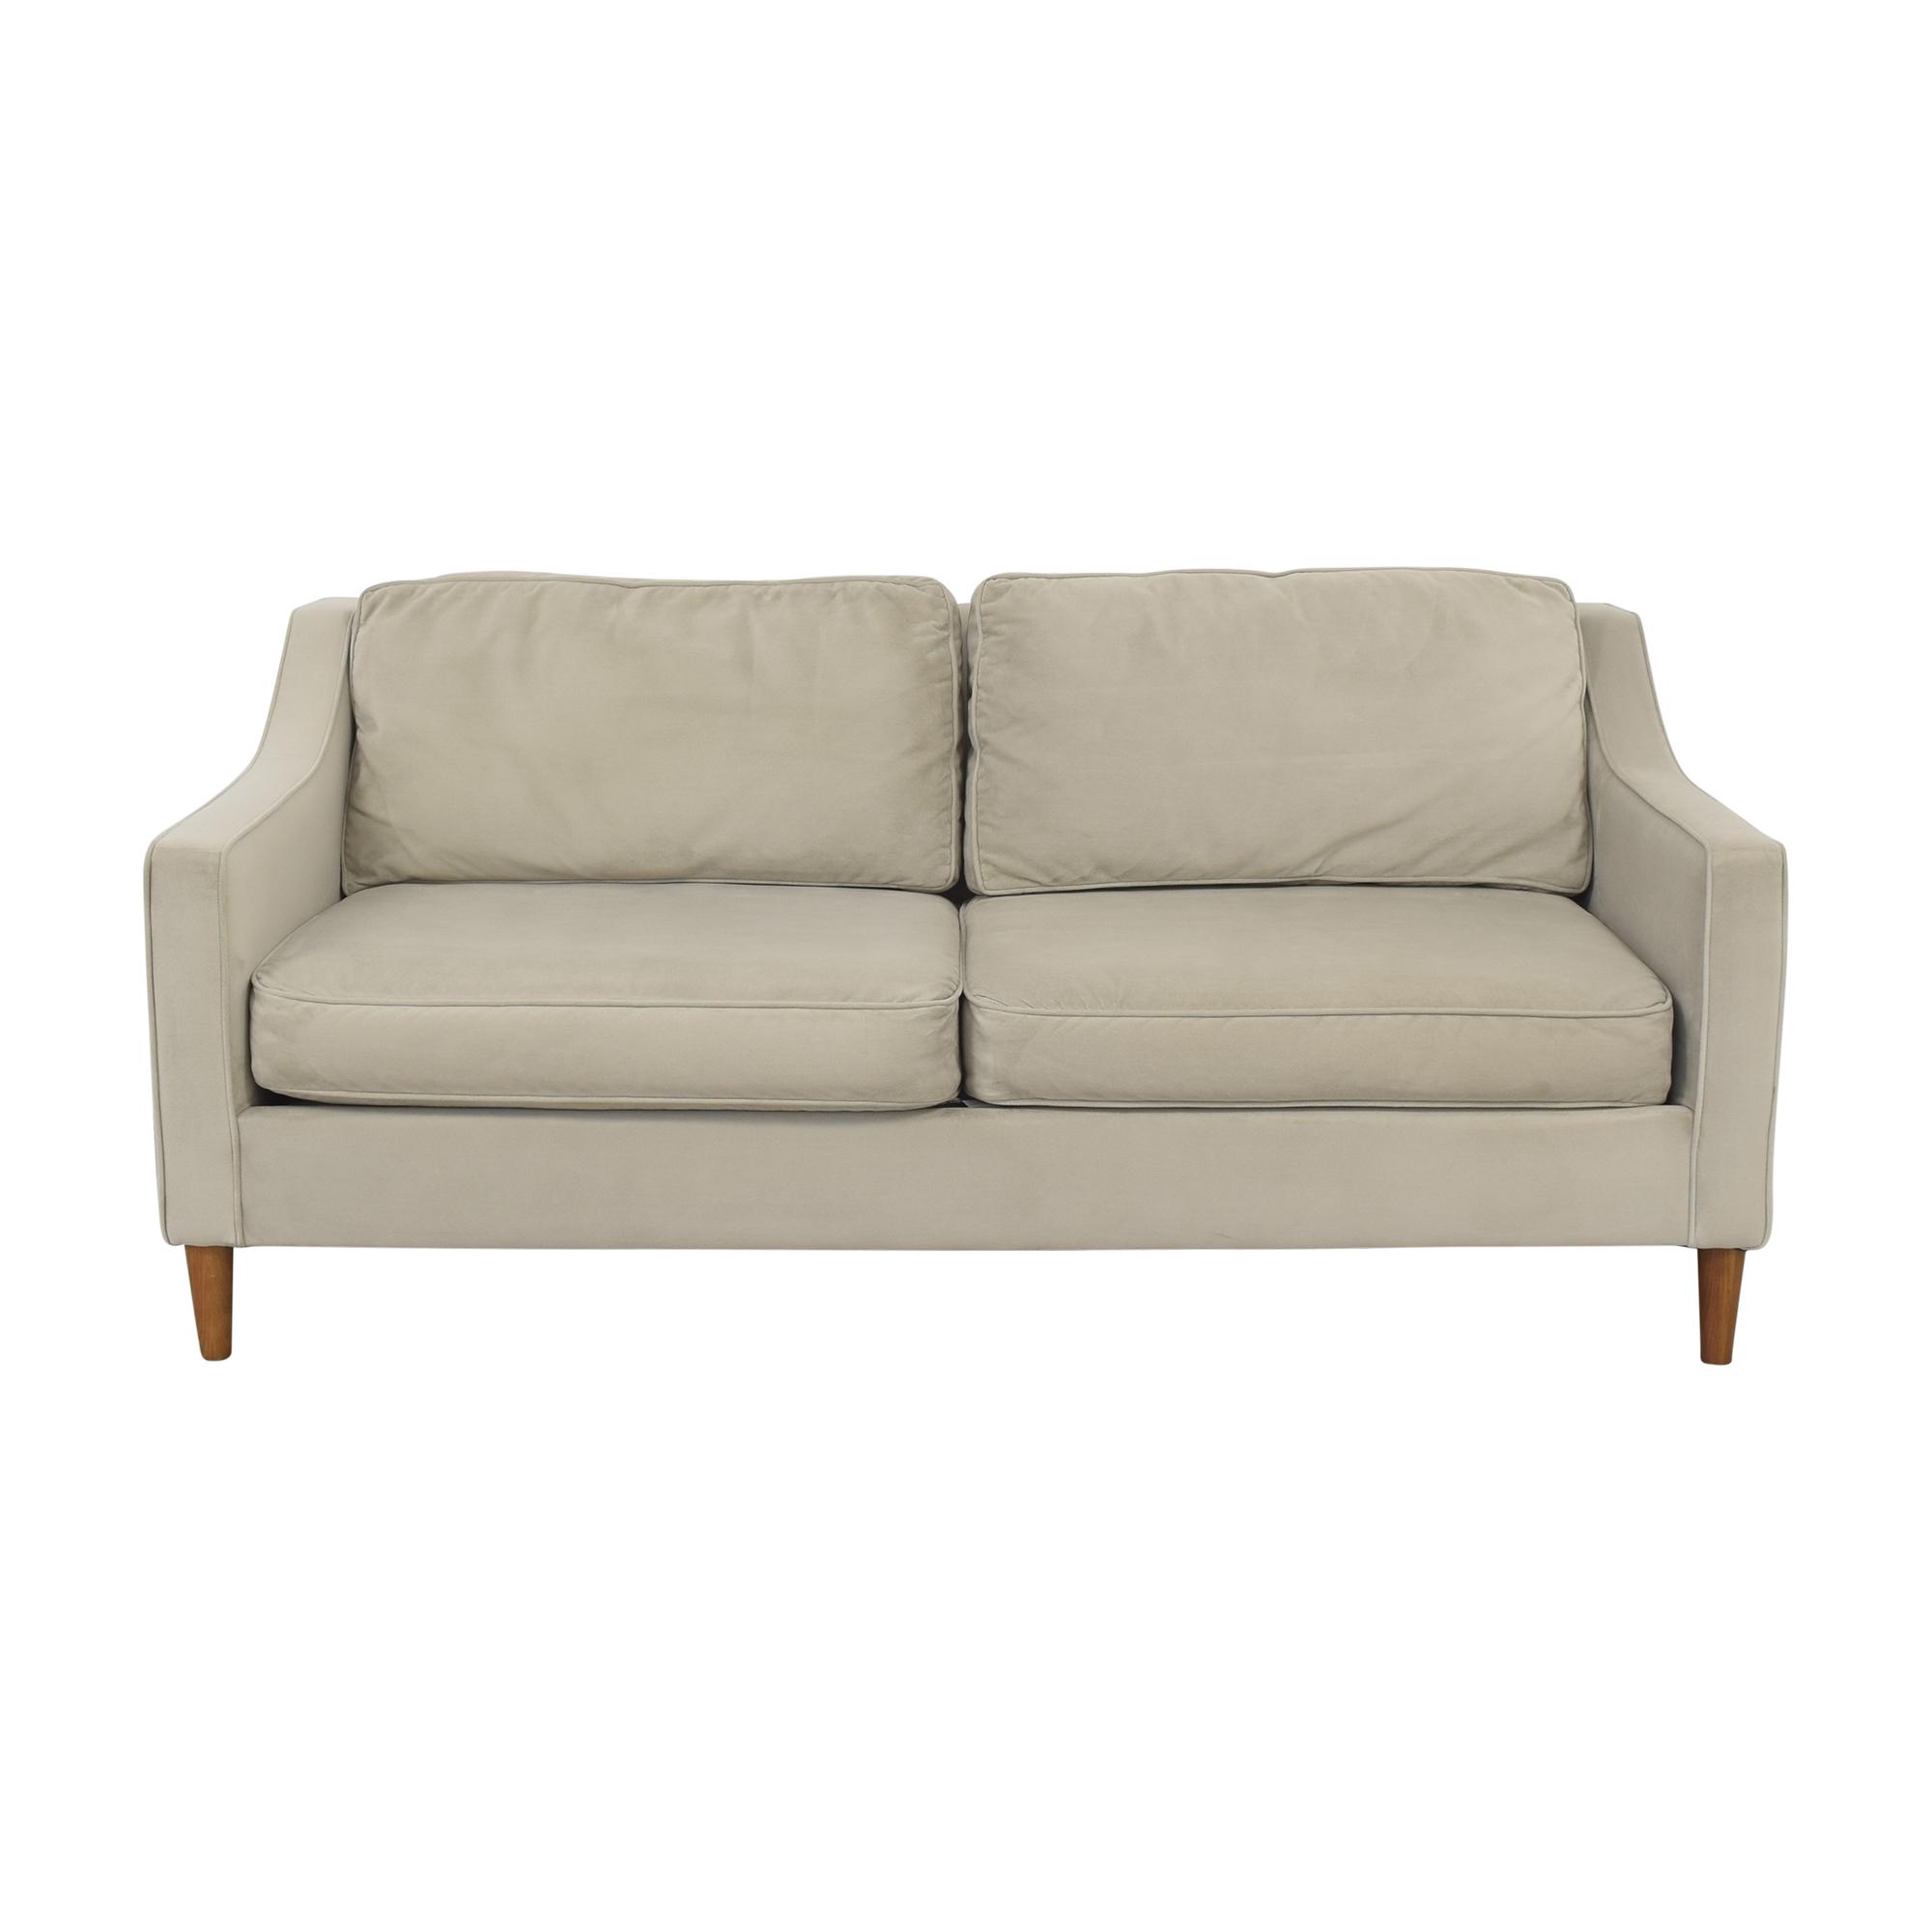 West Elm West Elm Paidge Sofa ct